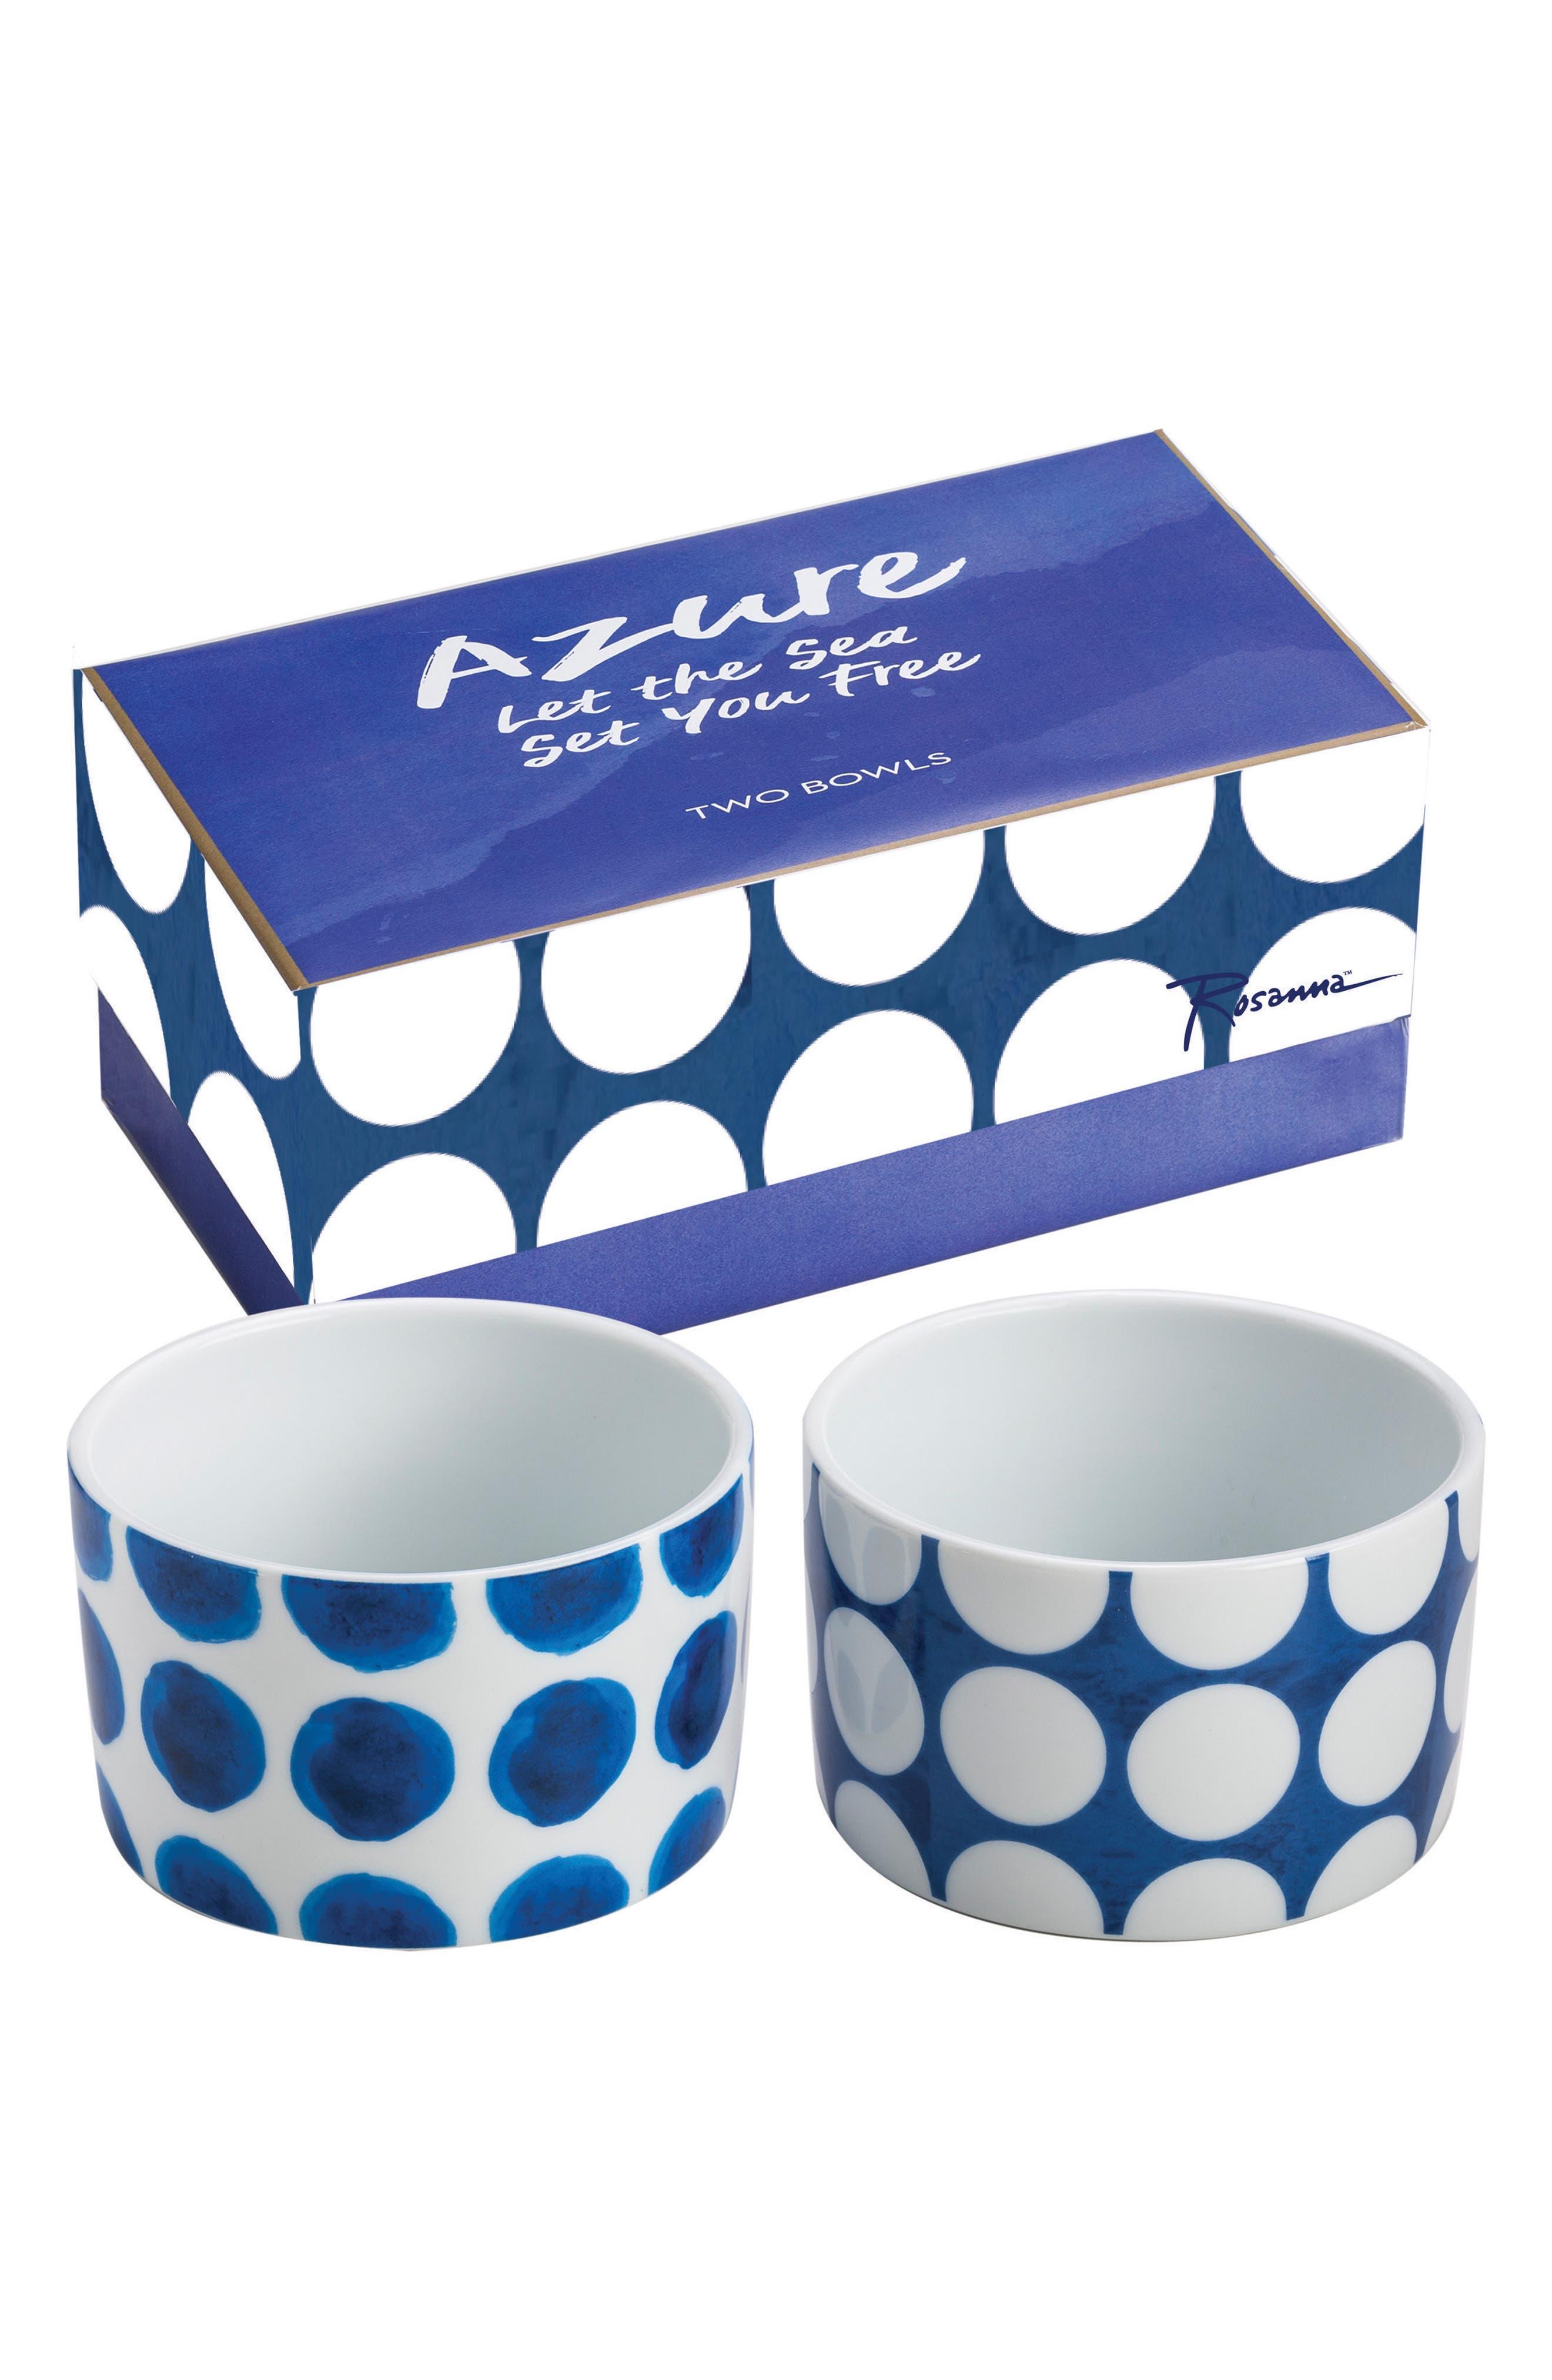 Rosanna Polka Dot Set of 2 Bowls